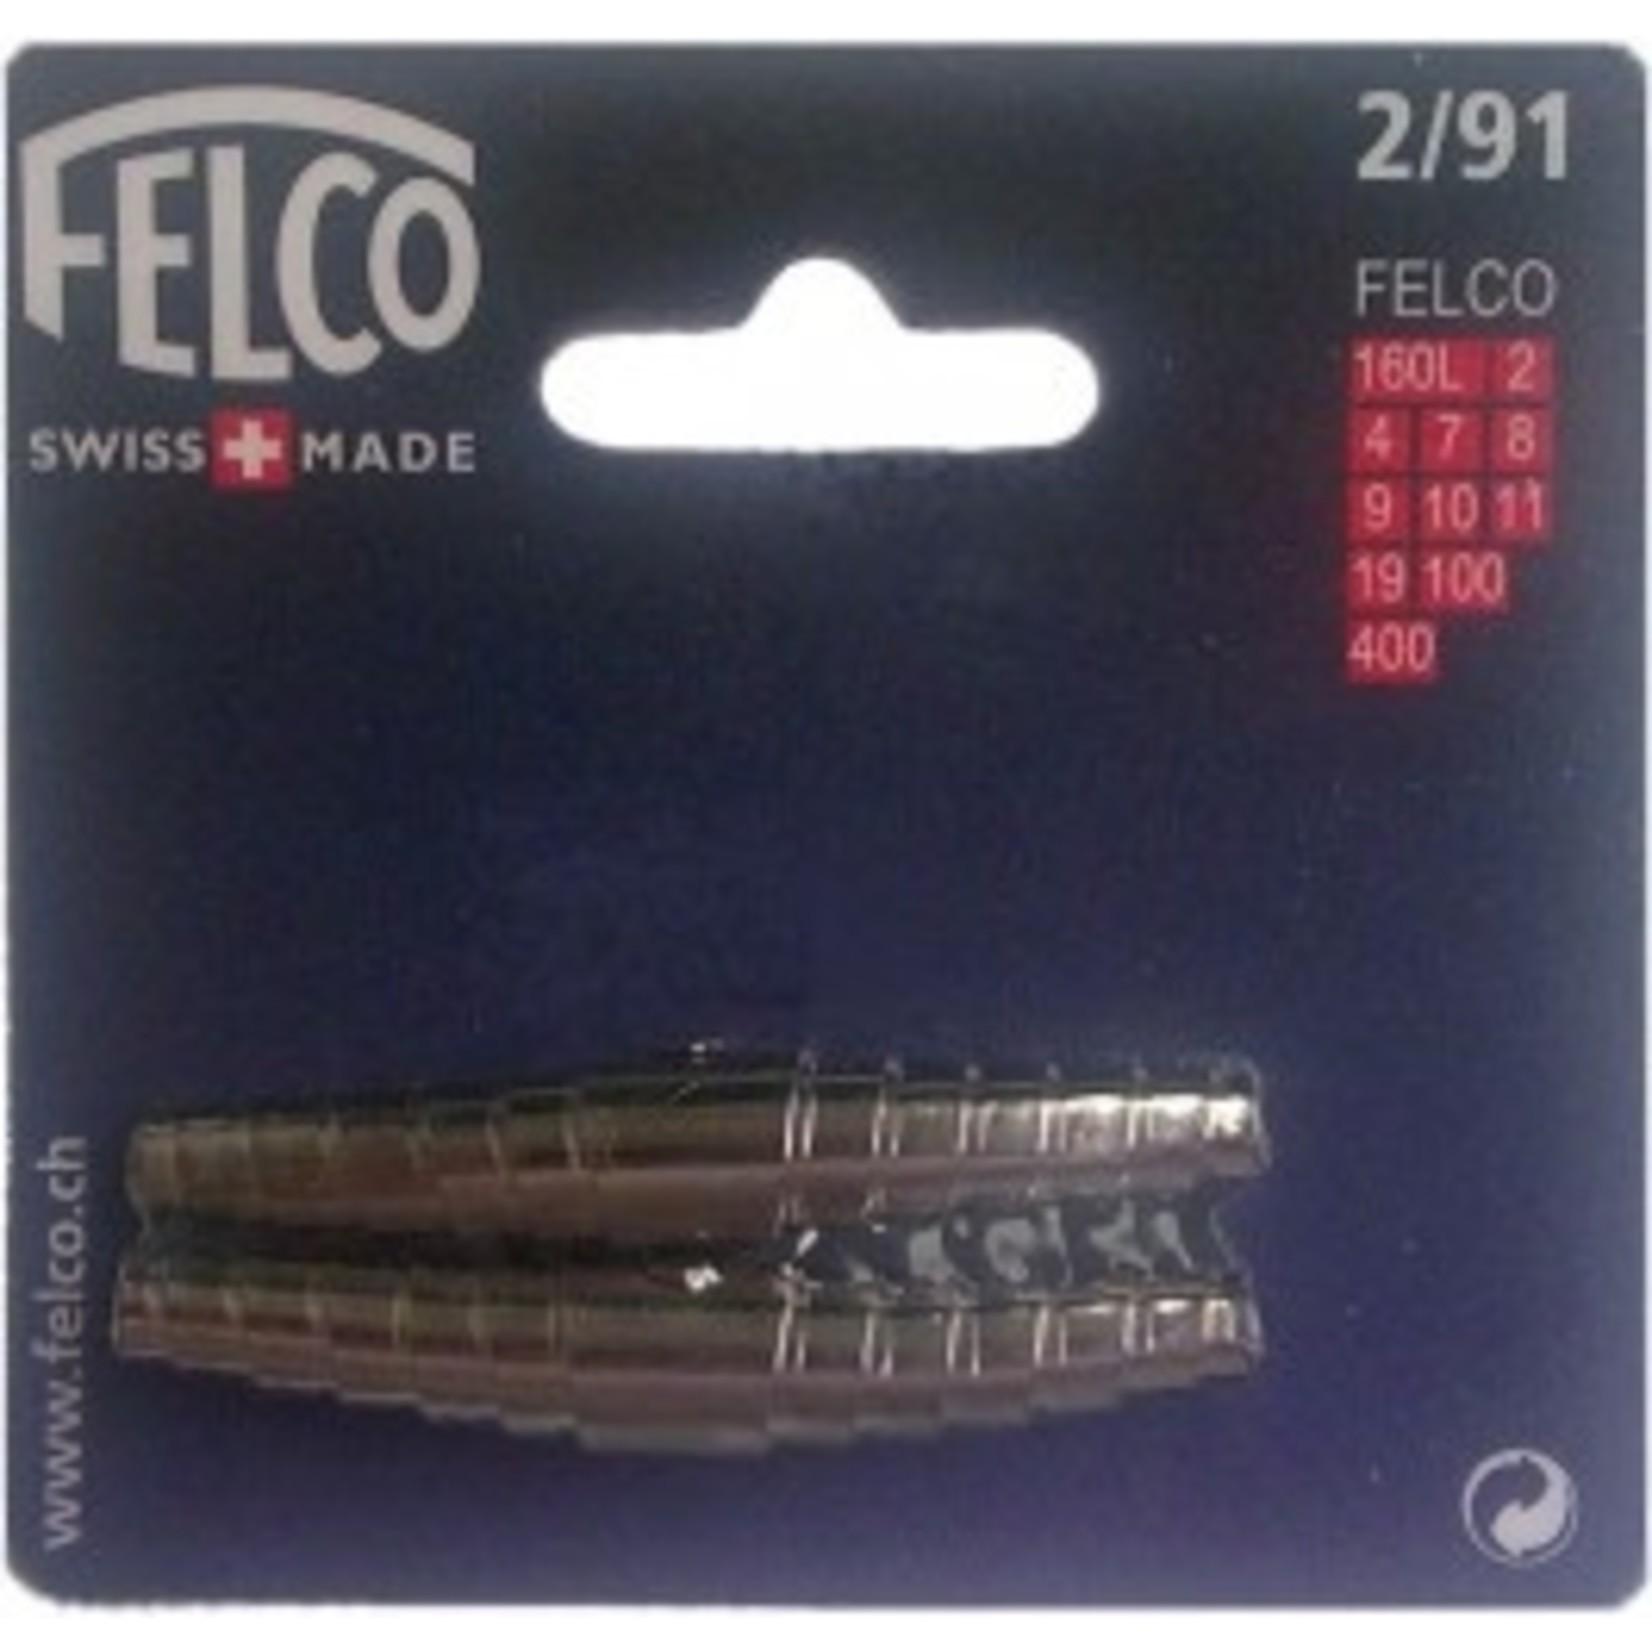 Felco veren 2/91 voor Felco 2-4-7-8-9-10-11